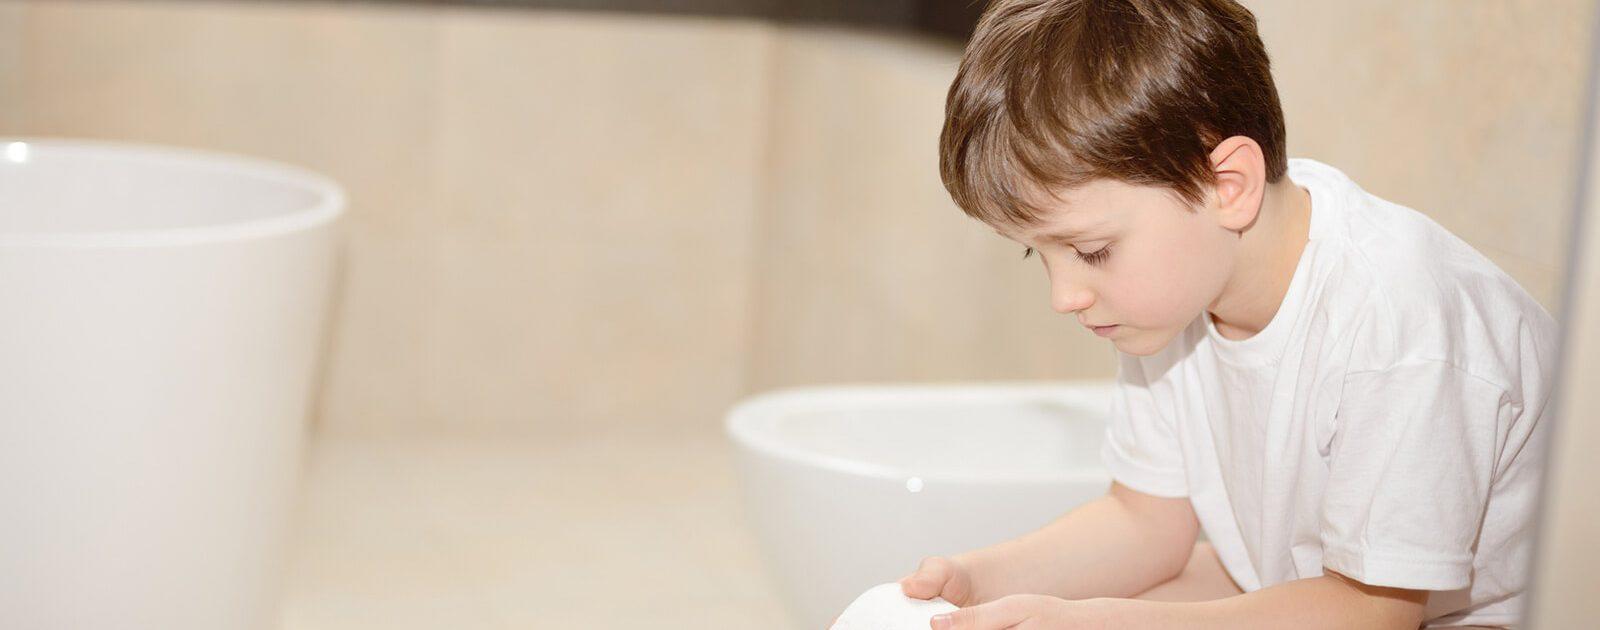 Kind mit Hämorrhoidalleiden auf der Toilette